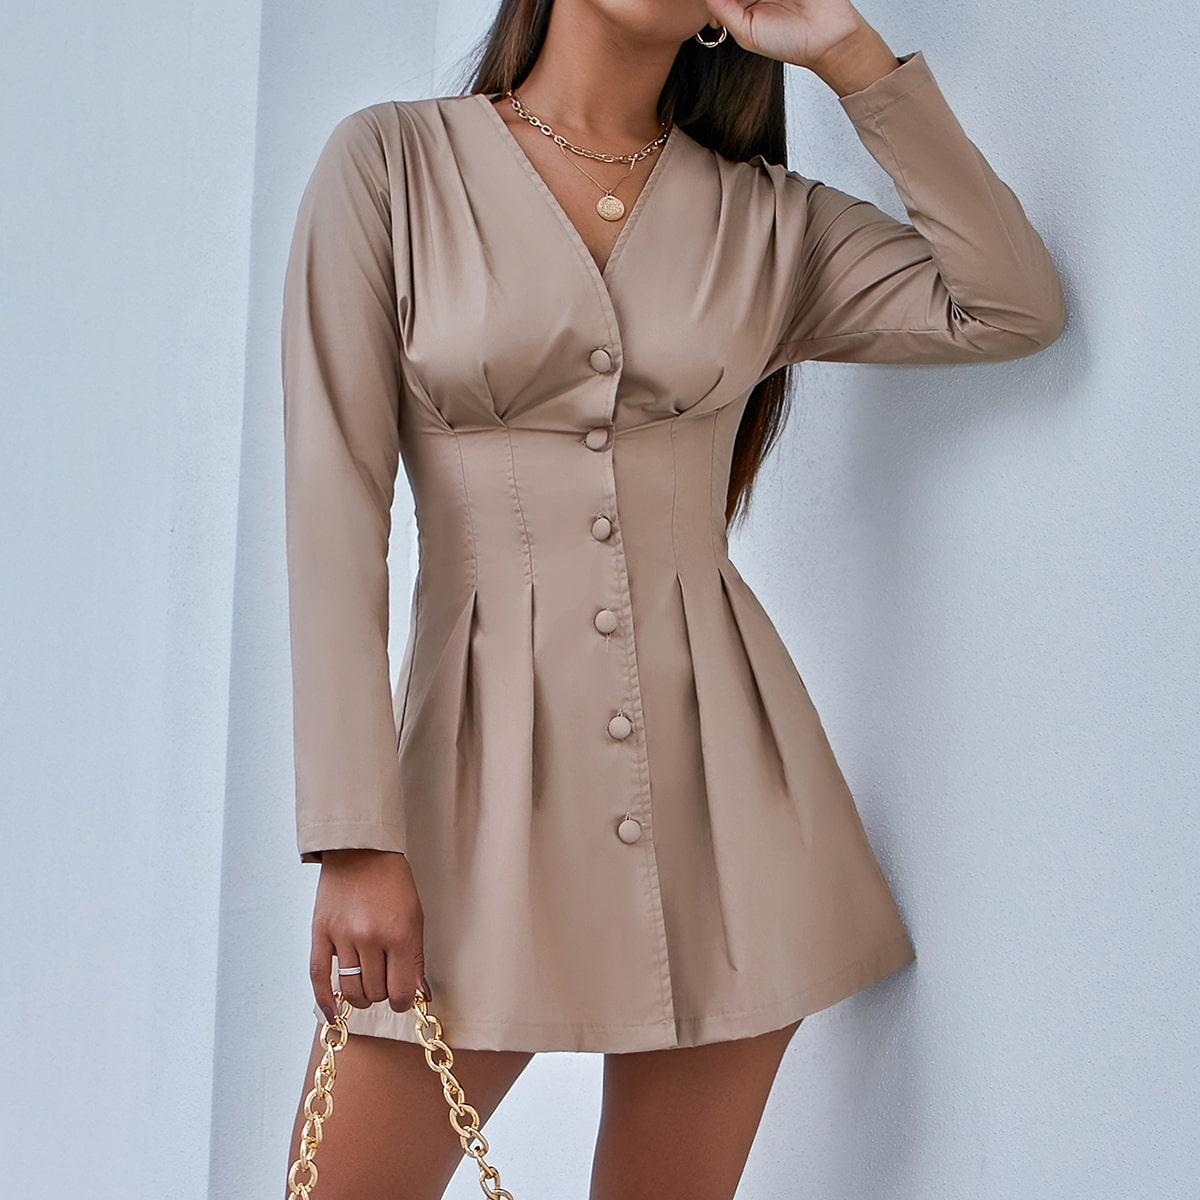 Однотонное платье-рубашка с пуговицами